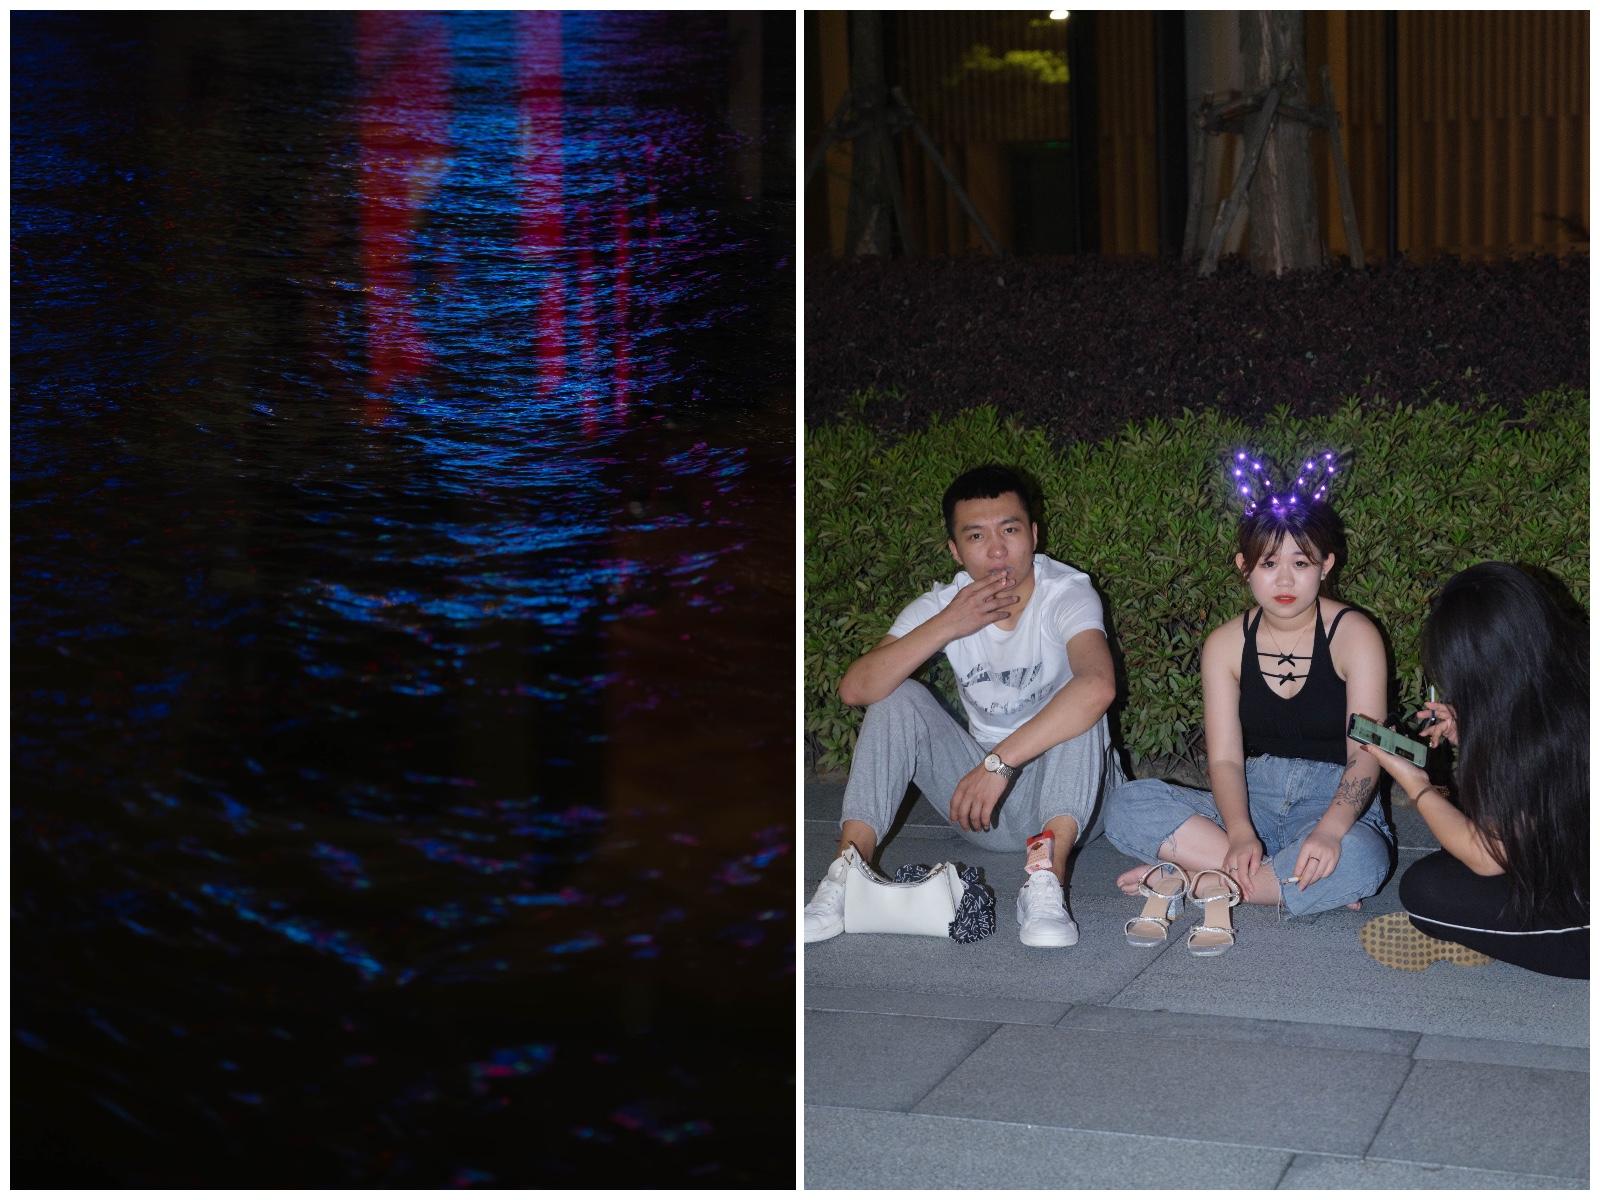 左:外滩江水;右:外滩soho楼下的年轻人。